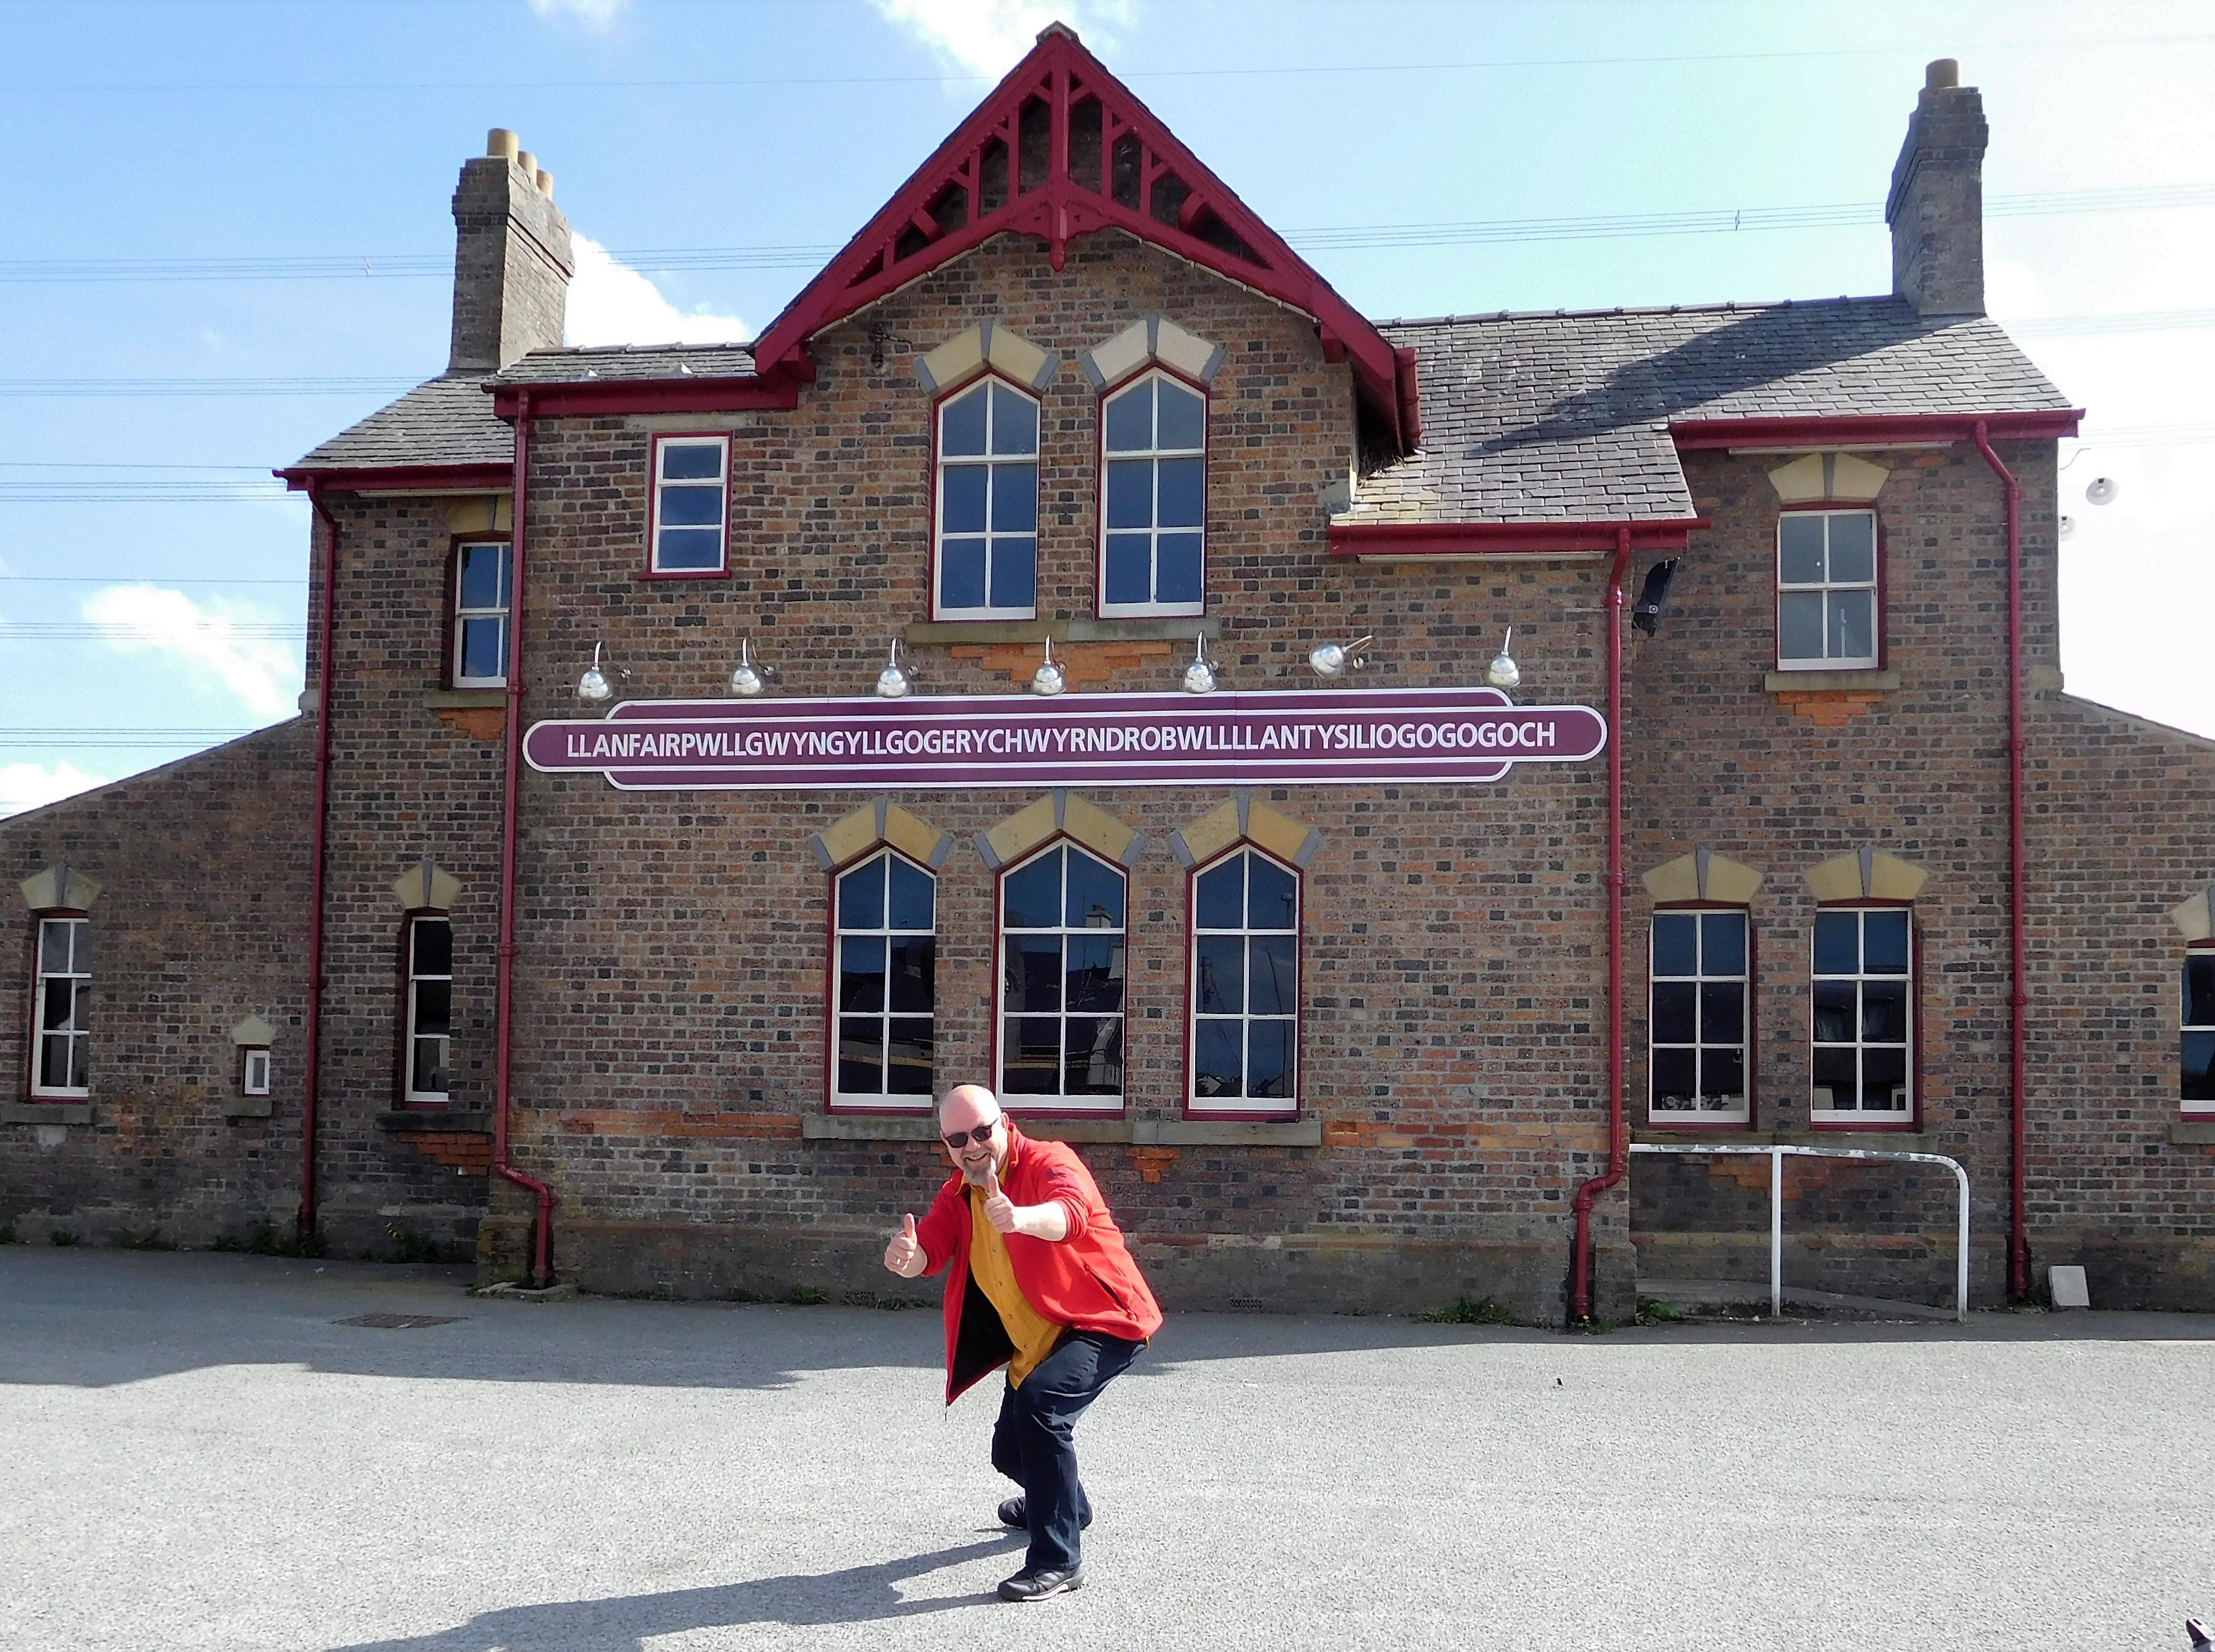 at the Railwaystation of  Llanfairpwllgwyngyllgogerychwyrndrobwllllantysiliogogogoch